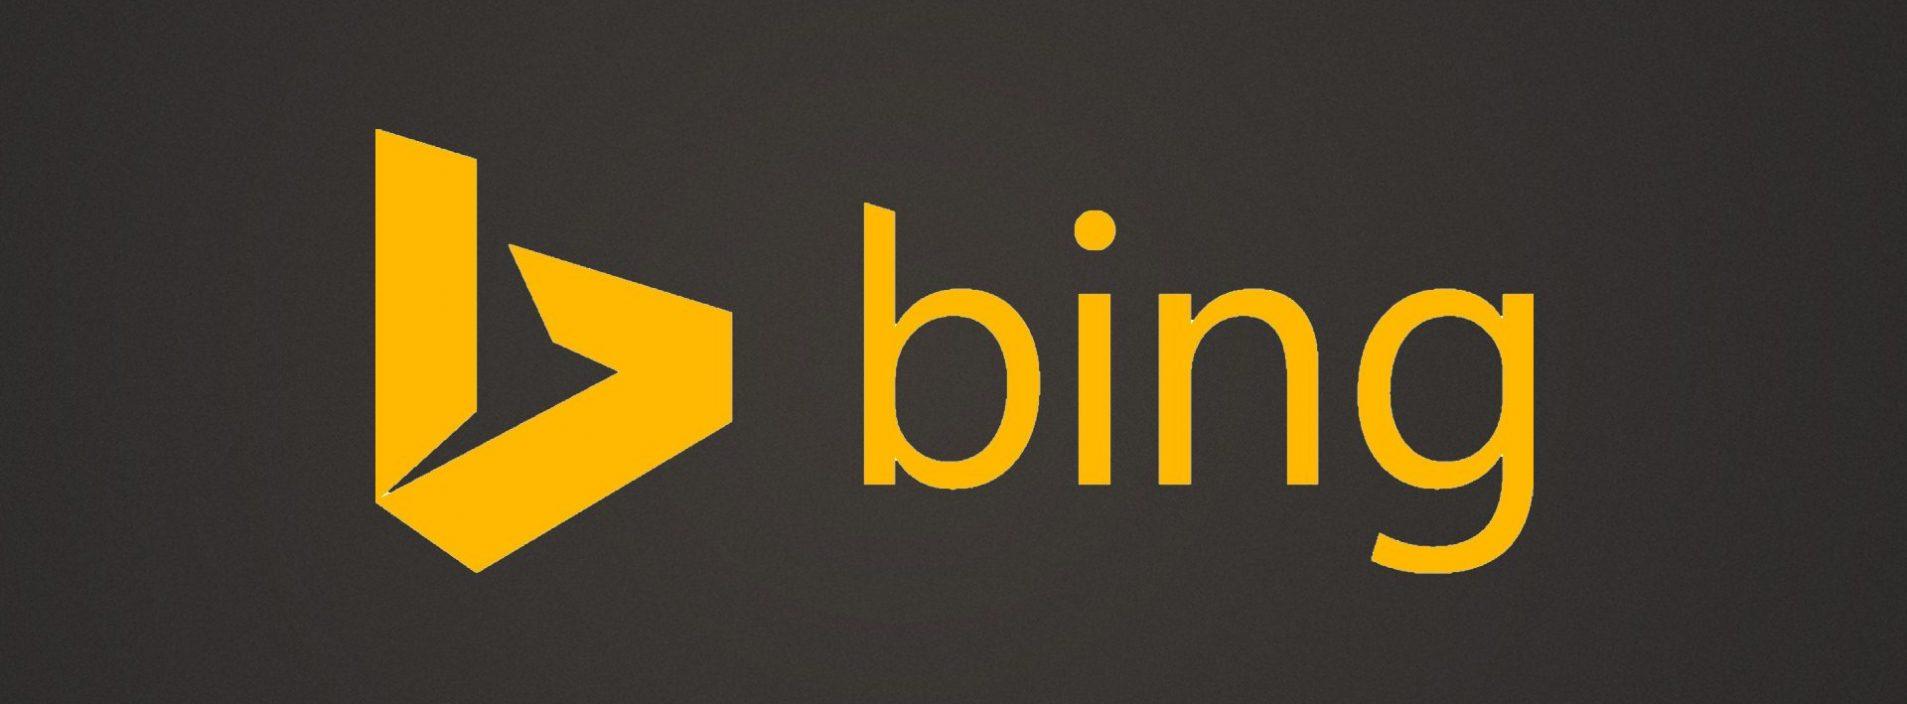 O que você gostaria de ter no Bing?